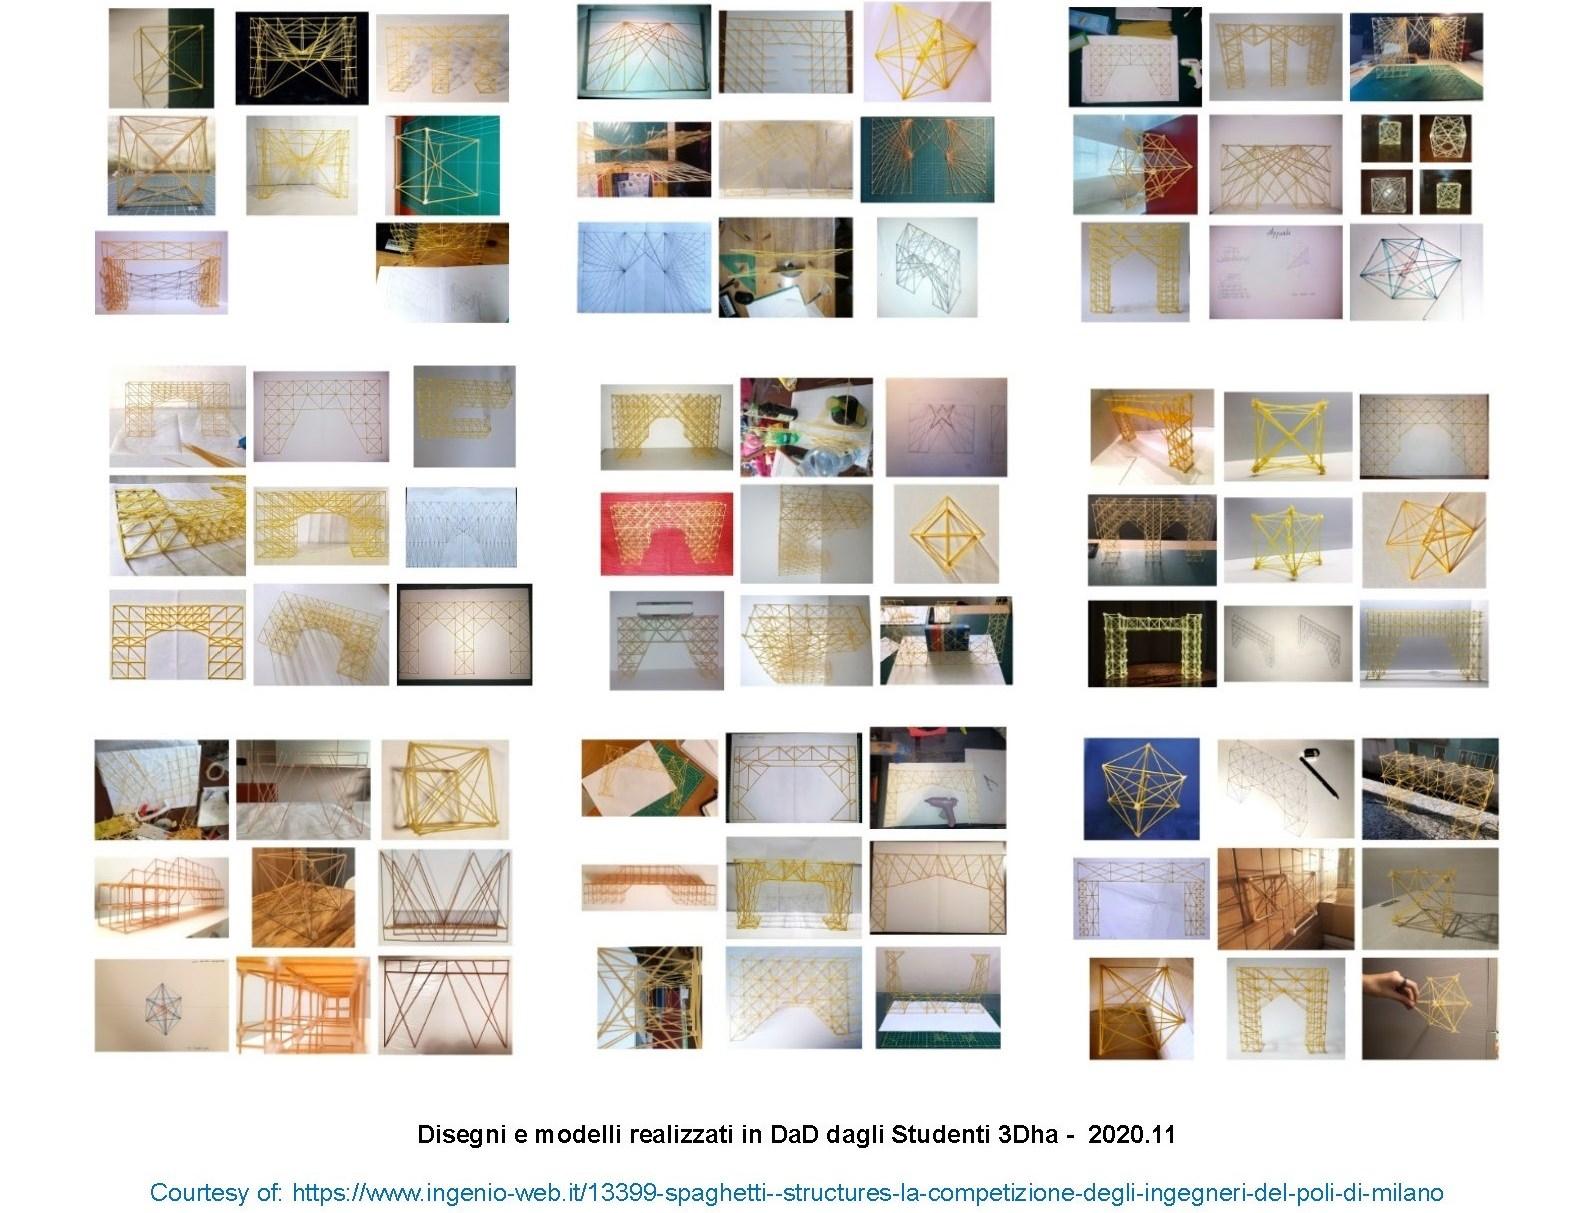 3Dha-DesignLab-Prof.-Federico-Brunetti-Poster-reticolare-cubo-e-ponte-2020.11-OK-B-